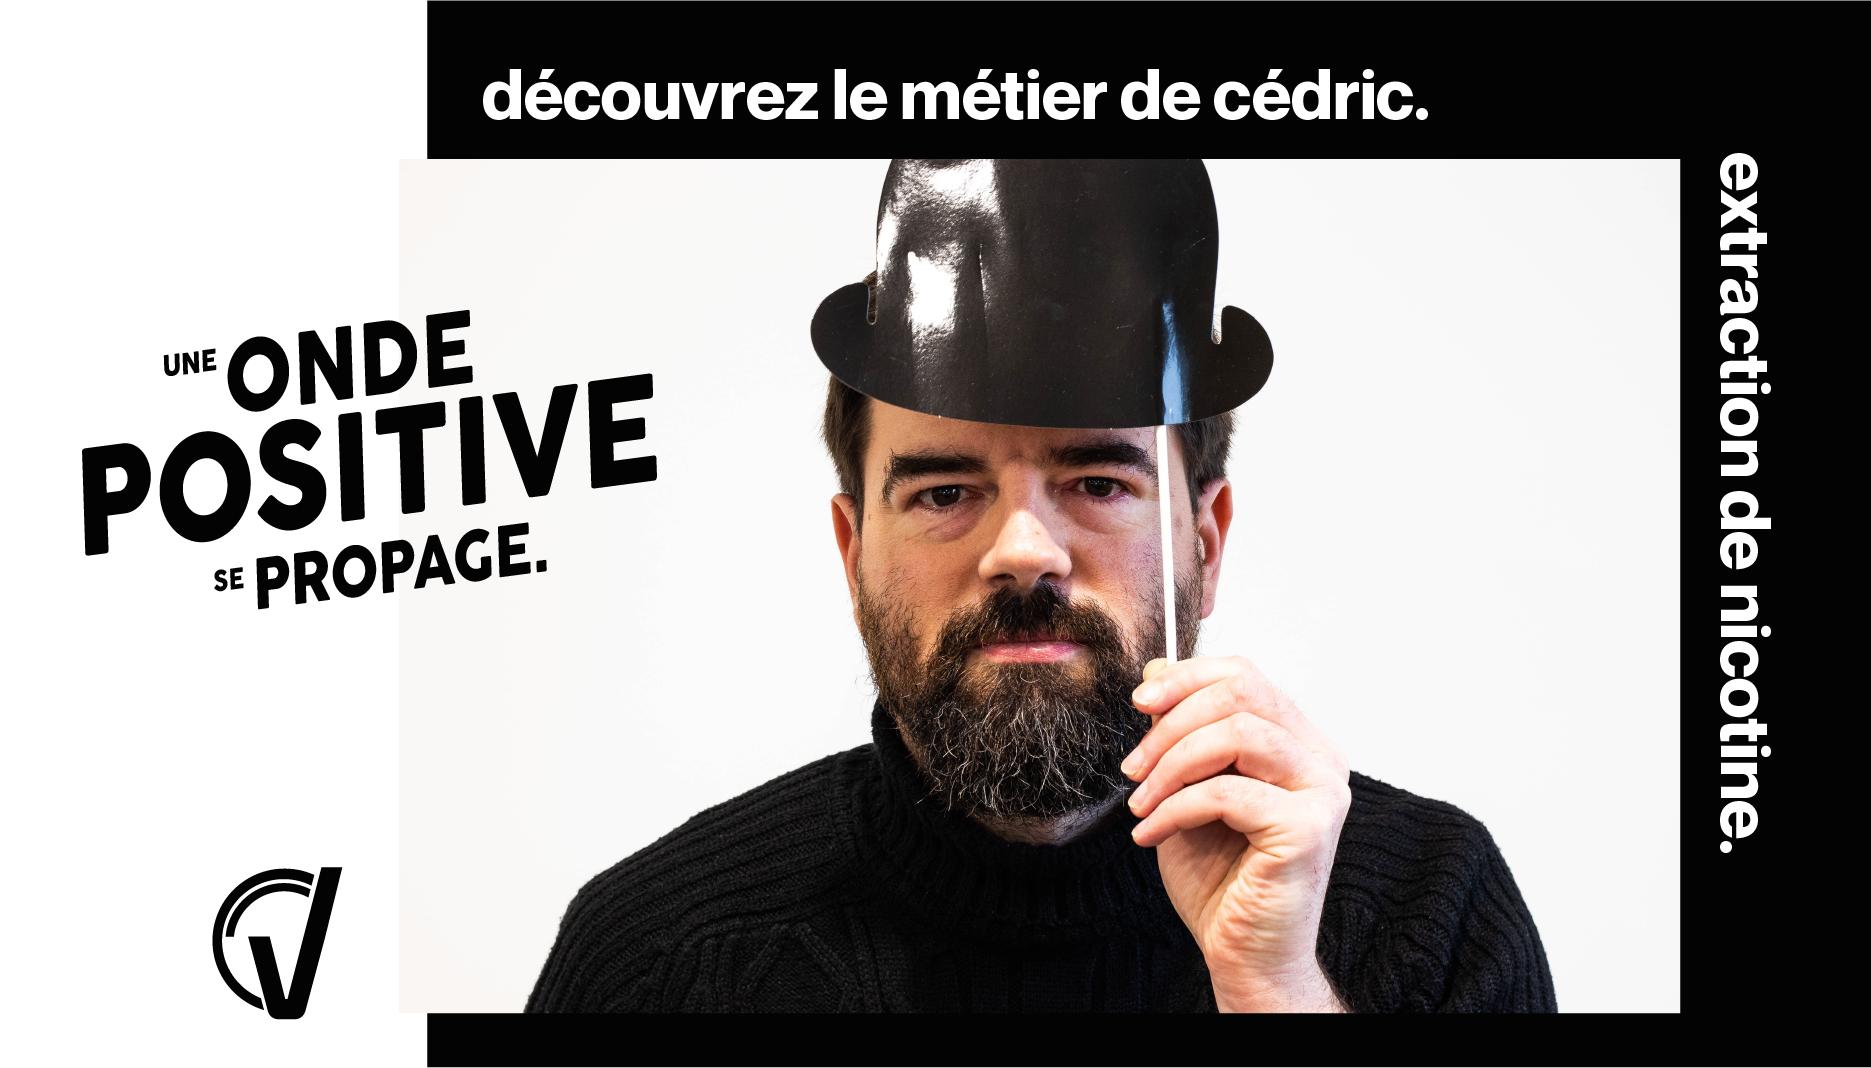 Les Talents de VDLV – Cédric responsable production Nicotine